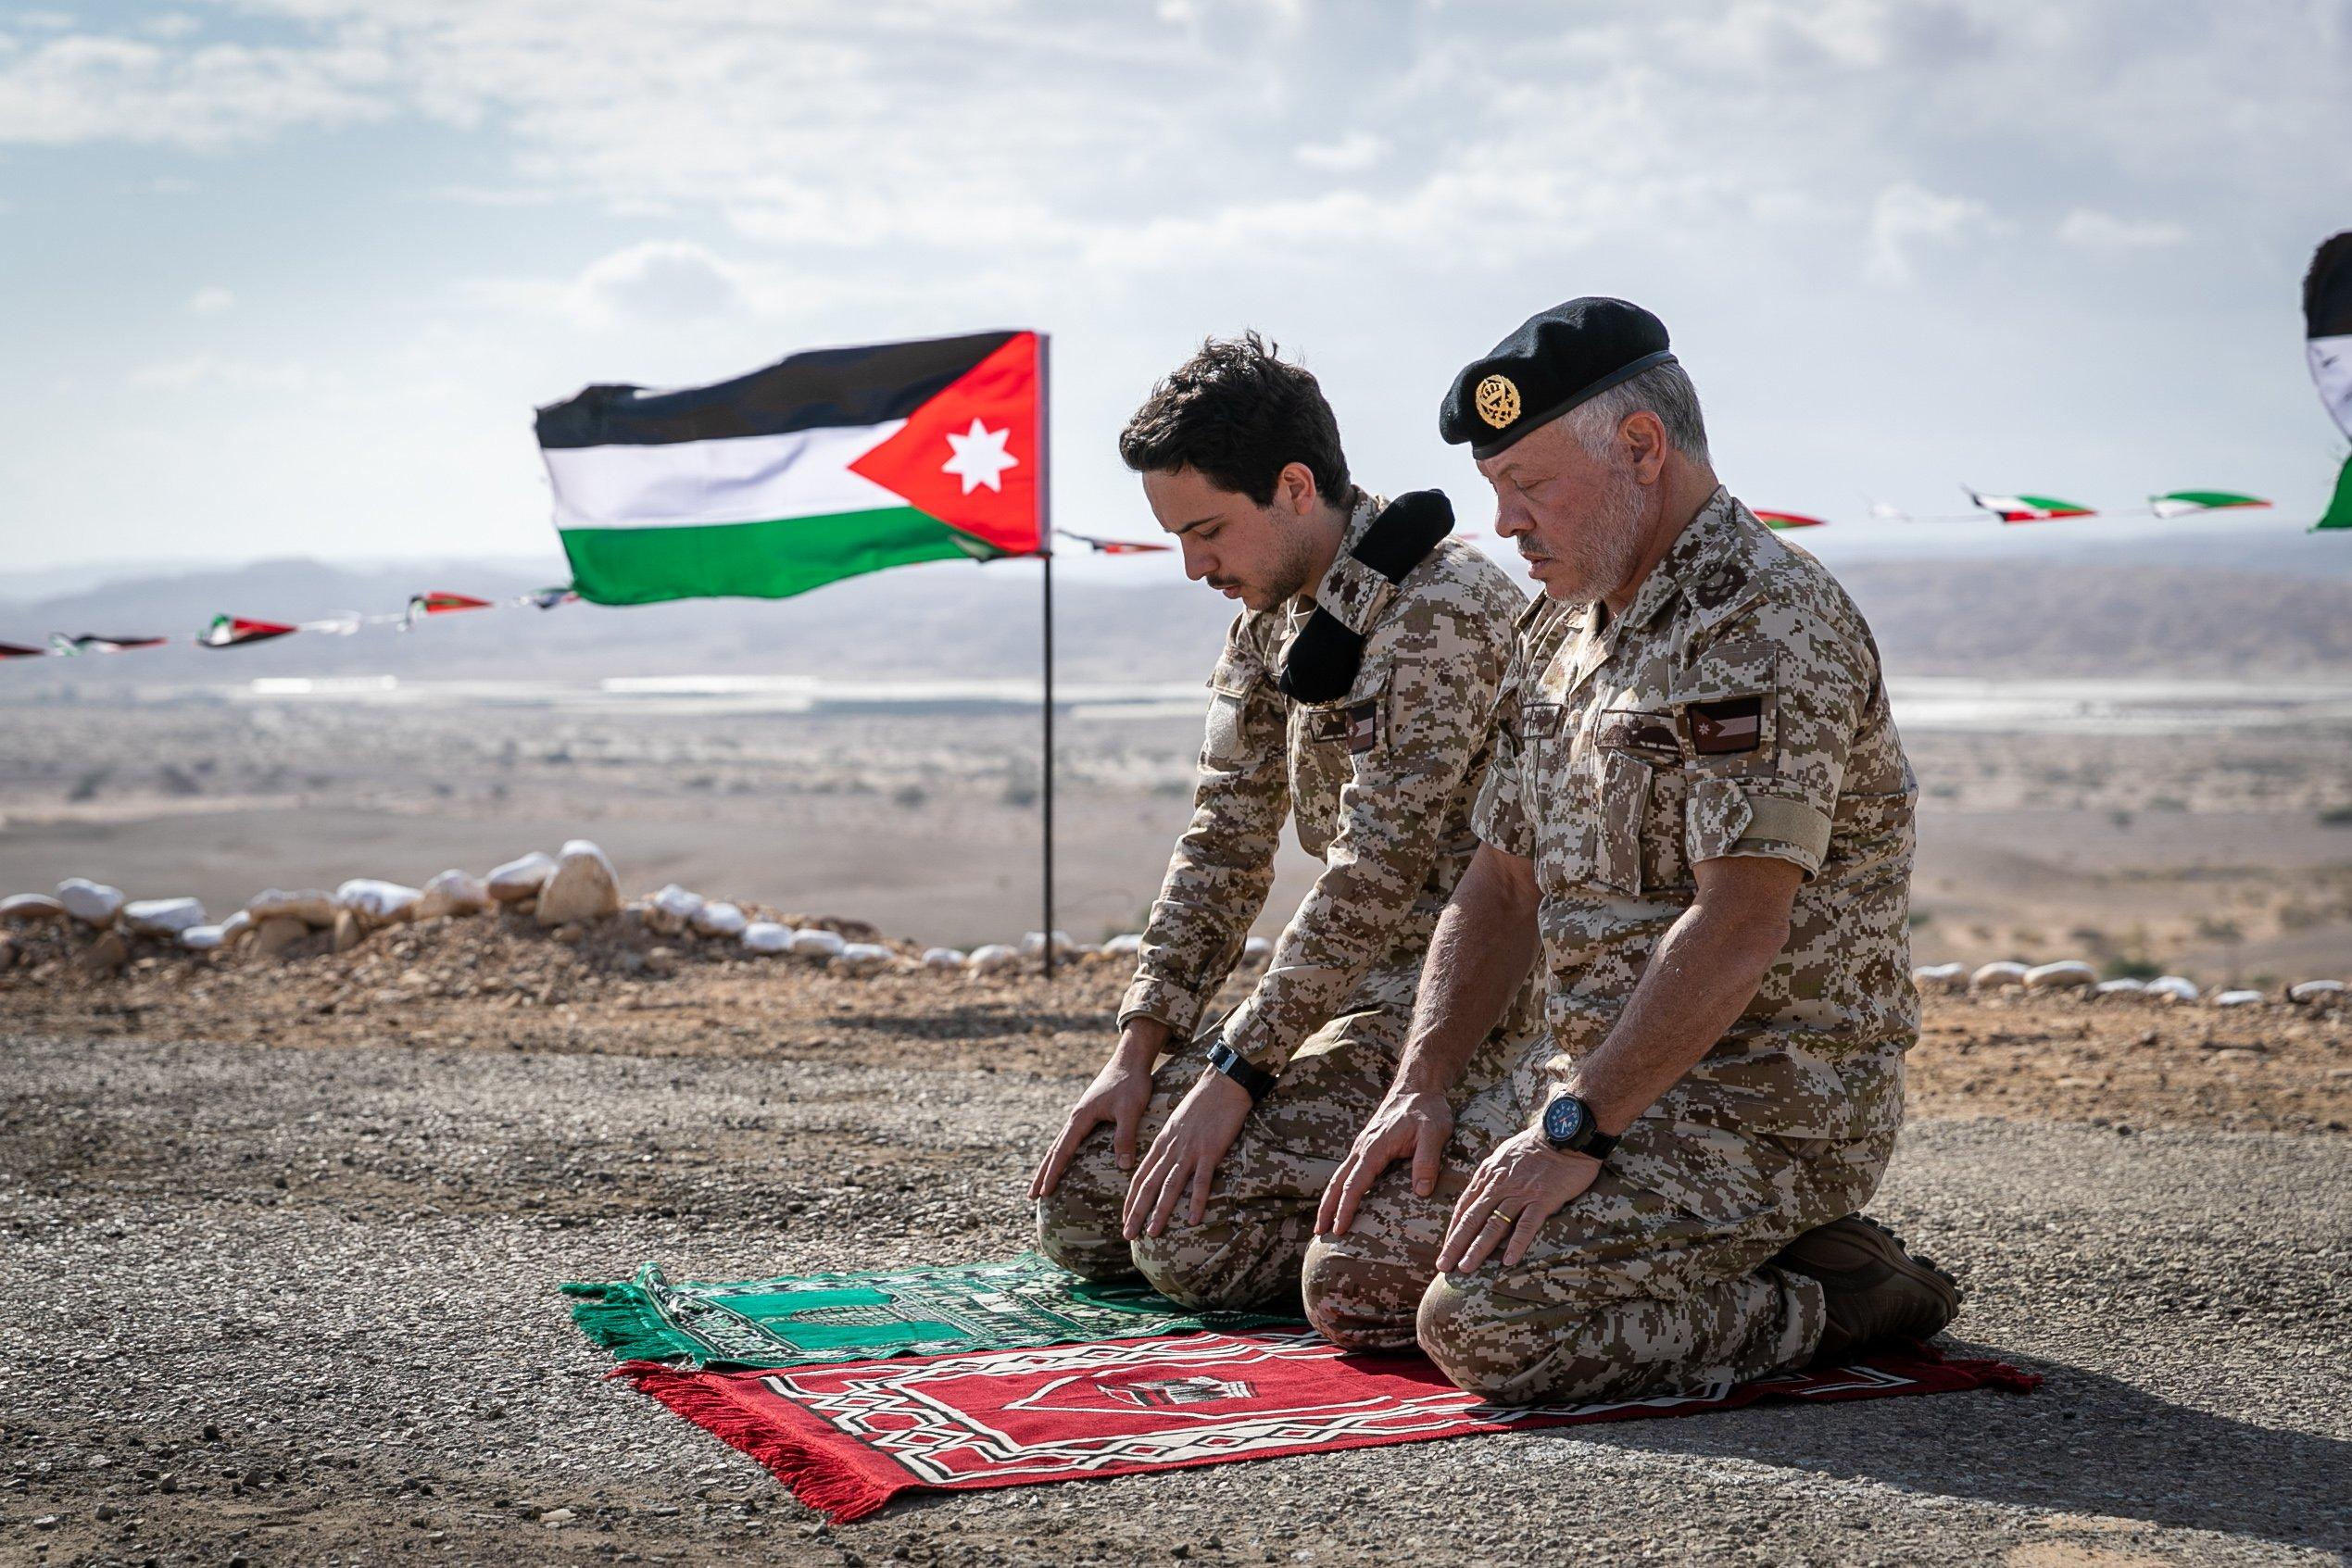 """واشنطن بوست: ضم """"إسرائيل"""" لغور الأردن يتجاوز كل حدود المنطق"""